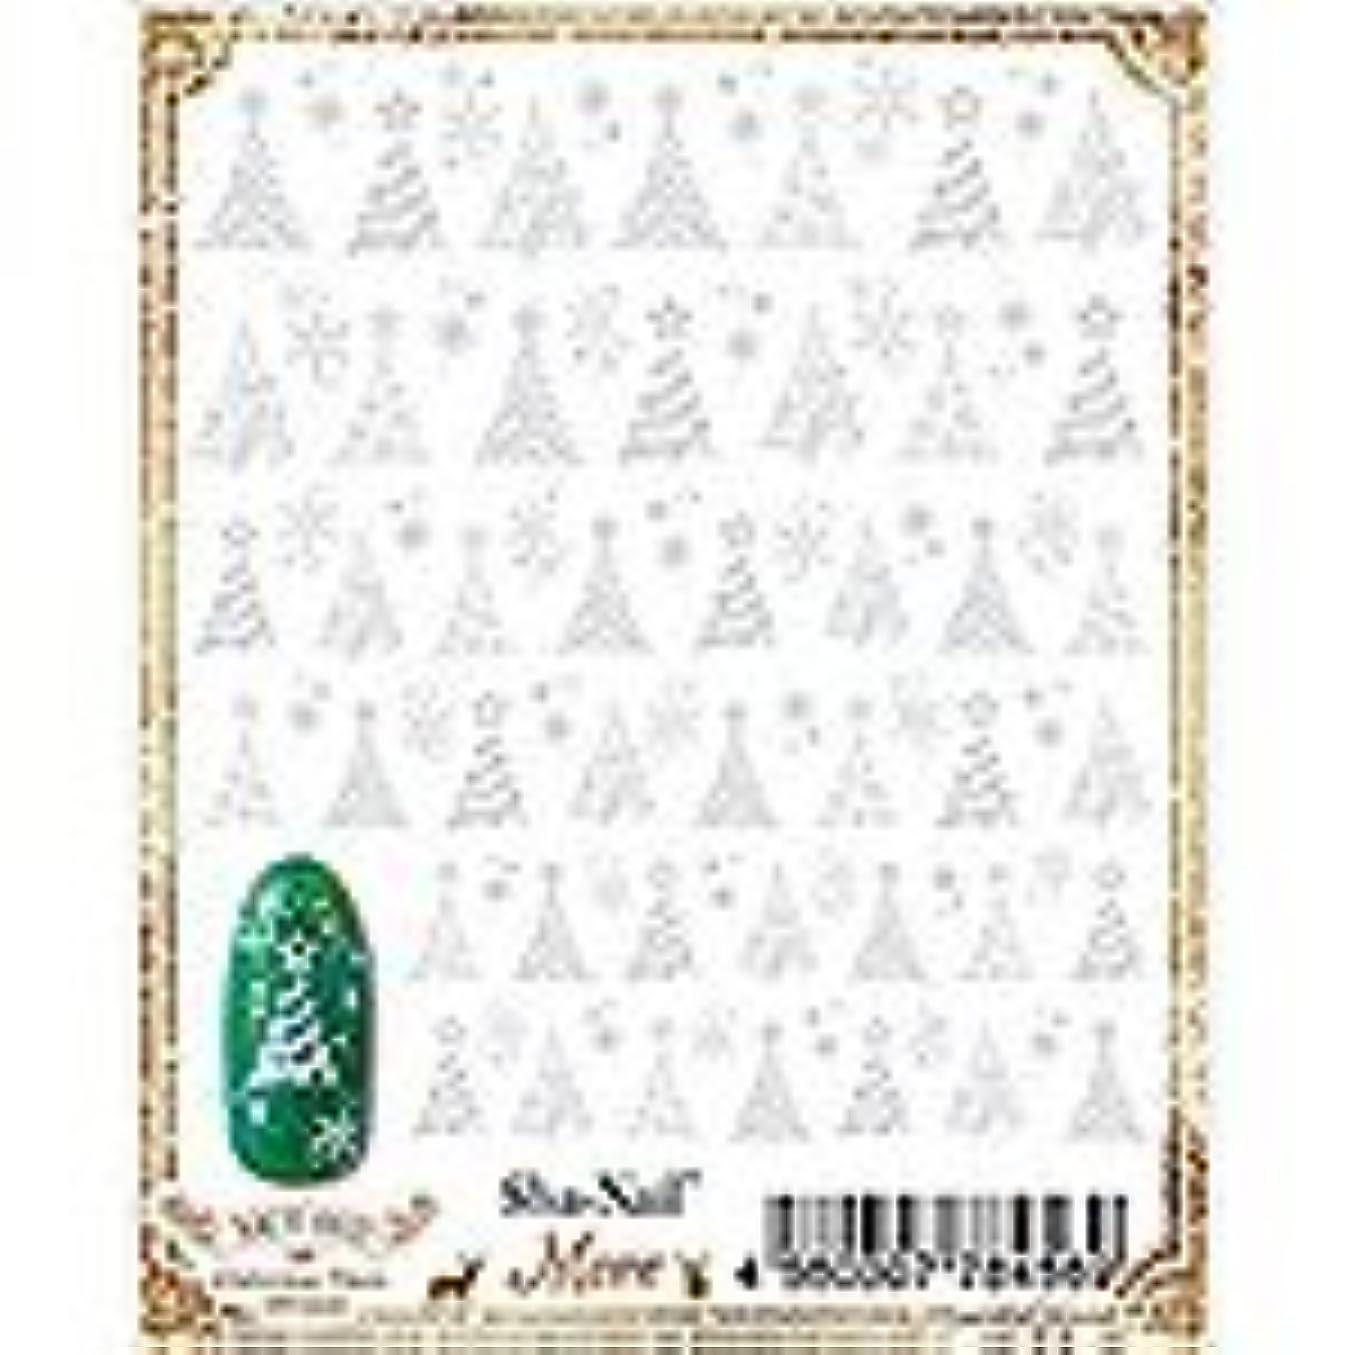 メンダシティオーバーフロー閃光クリスマスツリーズ(ホワイト)